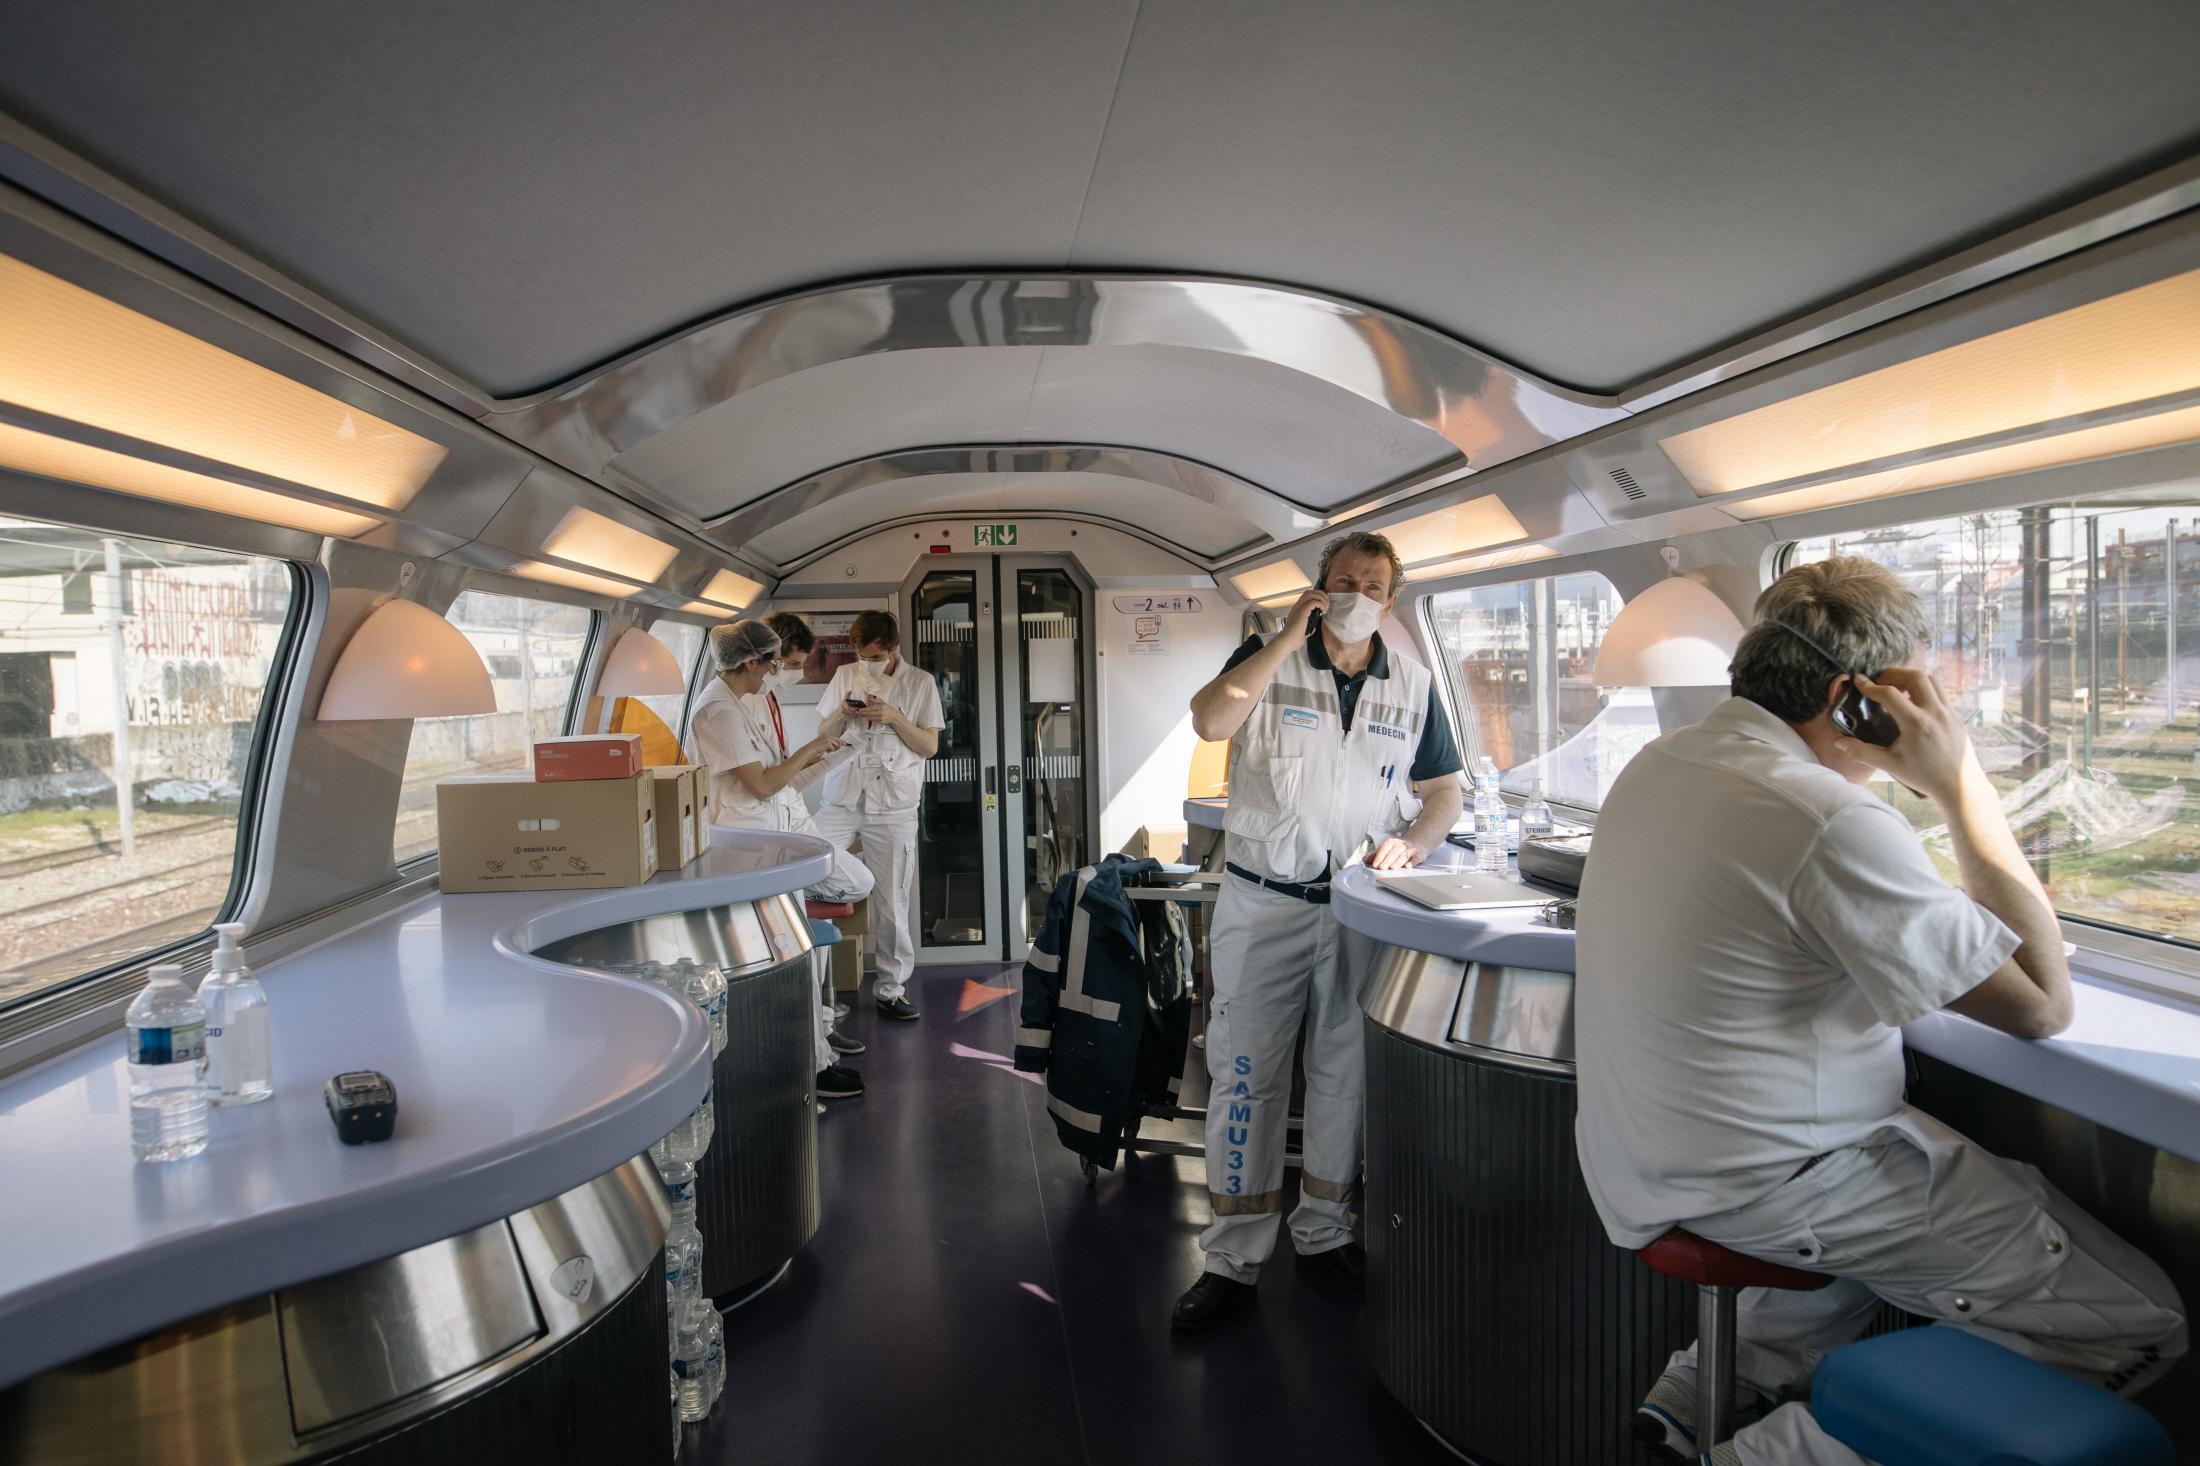 Opération Chardon. Le 10 avril 2020. En tout, 45 victimes du Covid_19 de toute l'île de France, sont transferées dans deux TGV en direction de Bordeaux et de Poitiers. L'objectif est de désengorger les hopitaux d'ïle de France saturés de patients en réa à cause du covid-19. L'opération est coordonnée par le SAMU. ( Et la SNCF). Le wagon bar est transformé en zone de commandement où les membres du Samu sont installés.